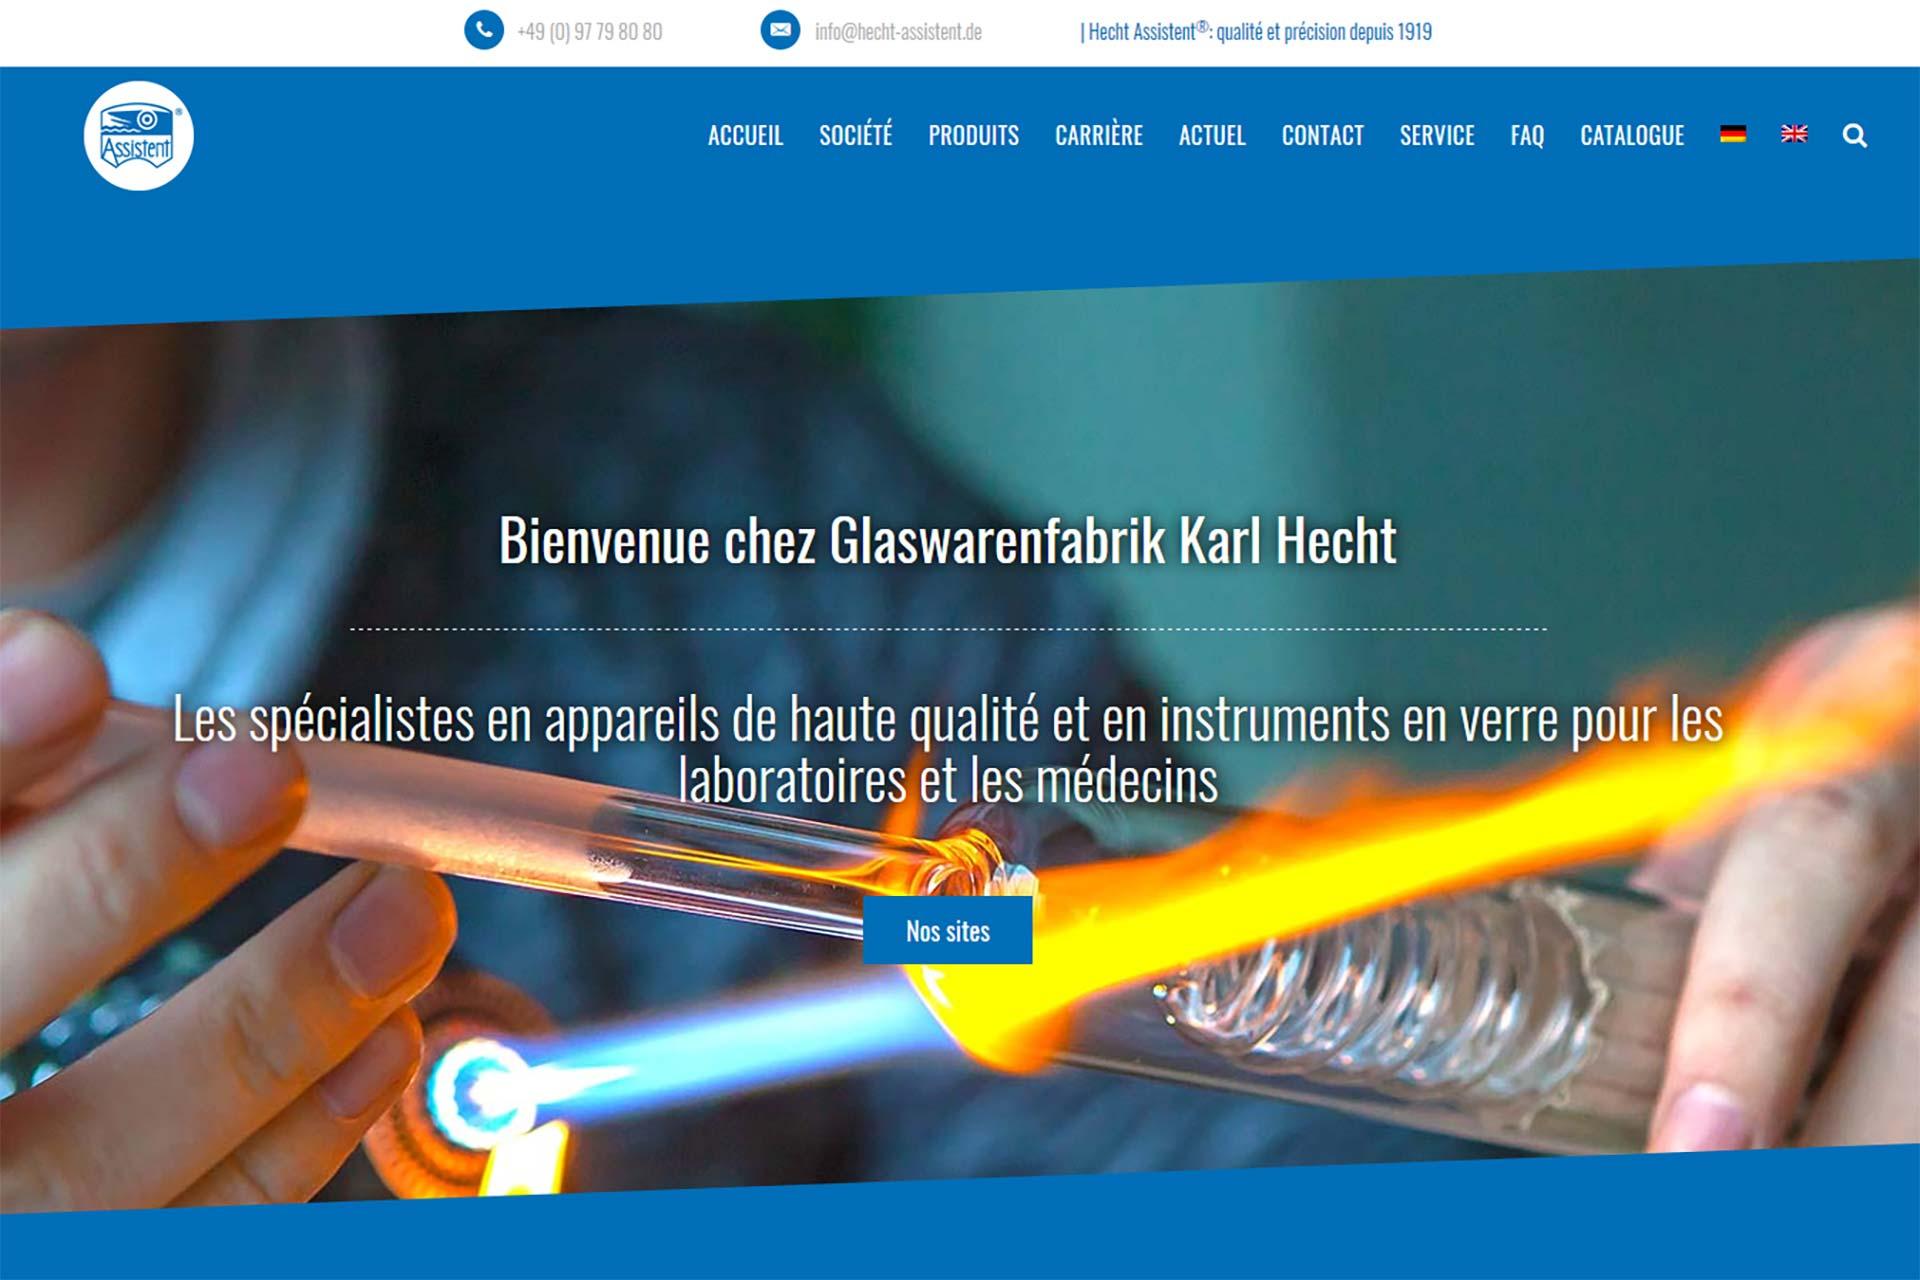 Nouvelle site Web de Karl Hecht GmbH & Co KG